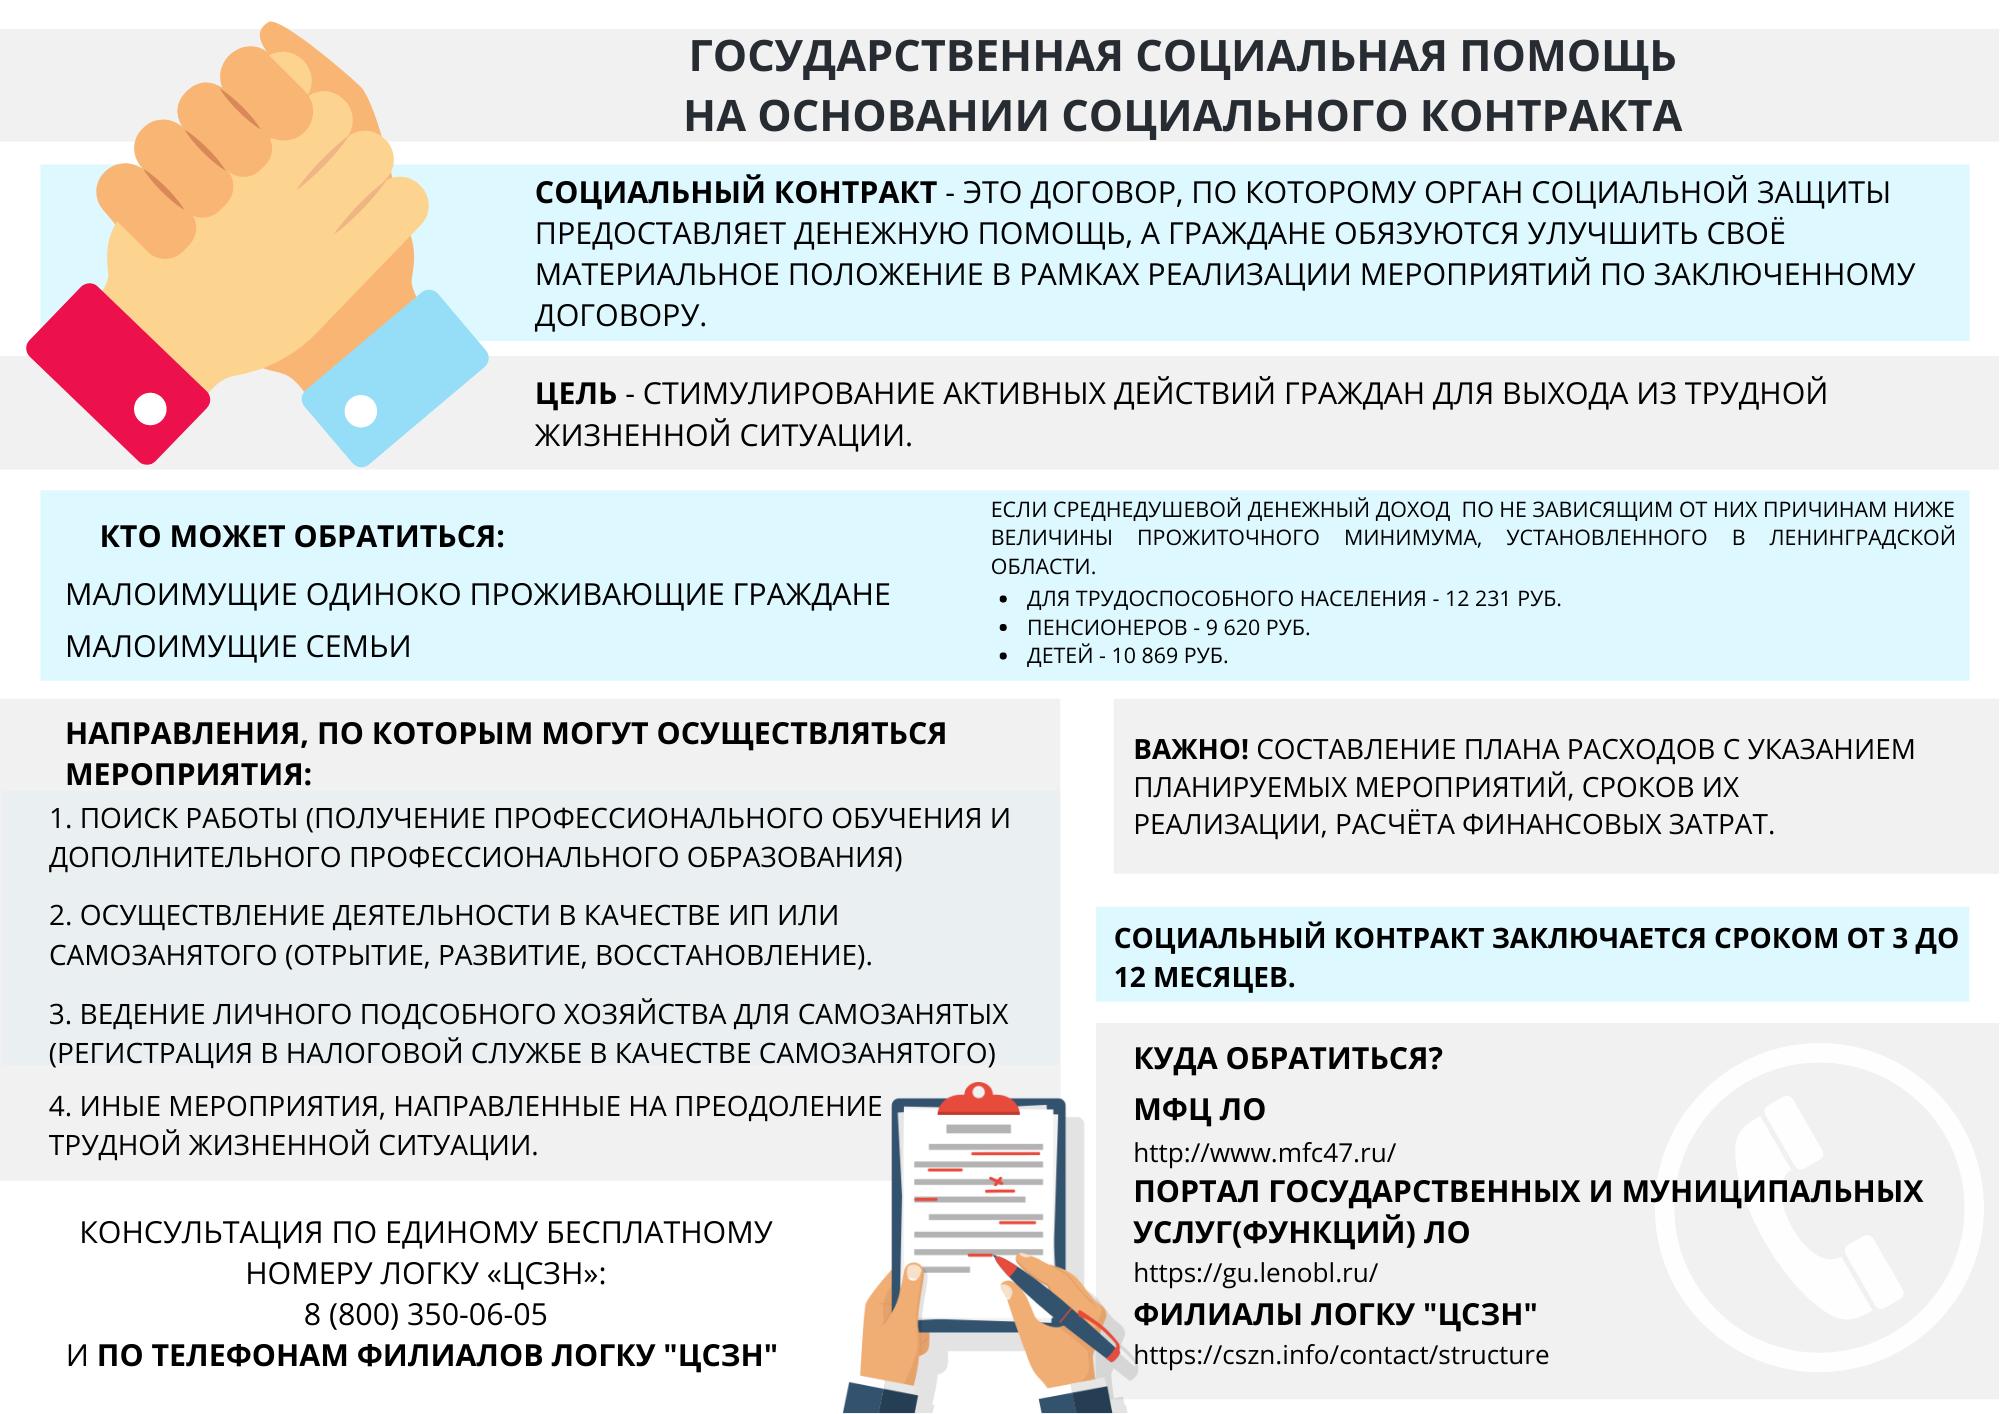 Информация по социальному контракту